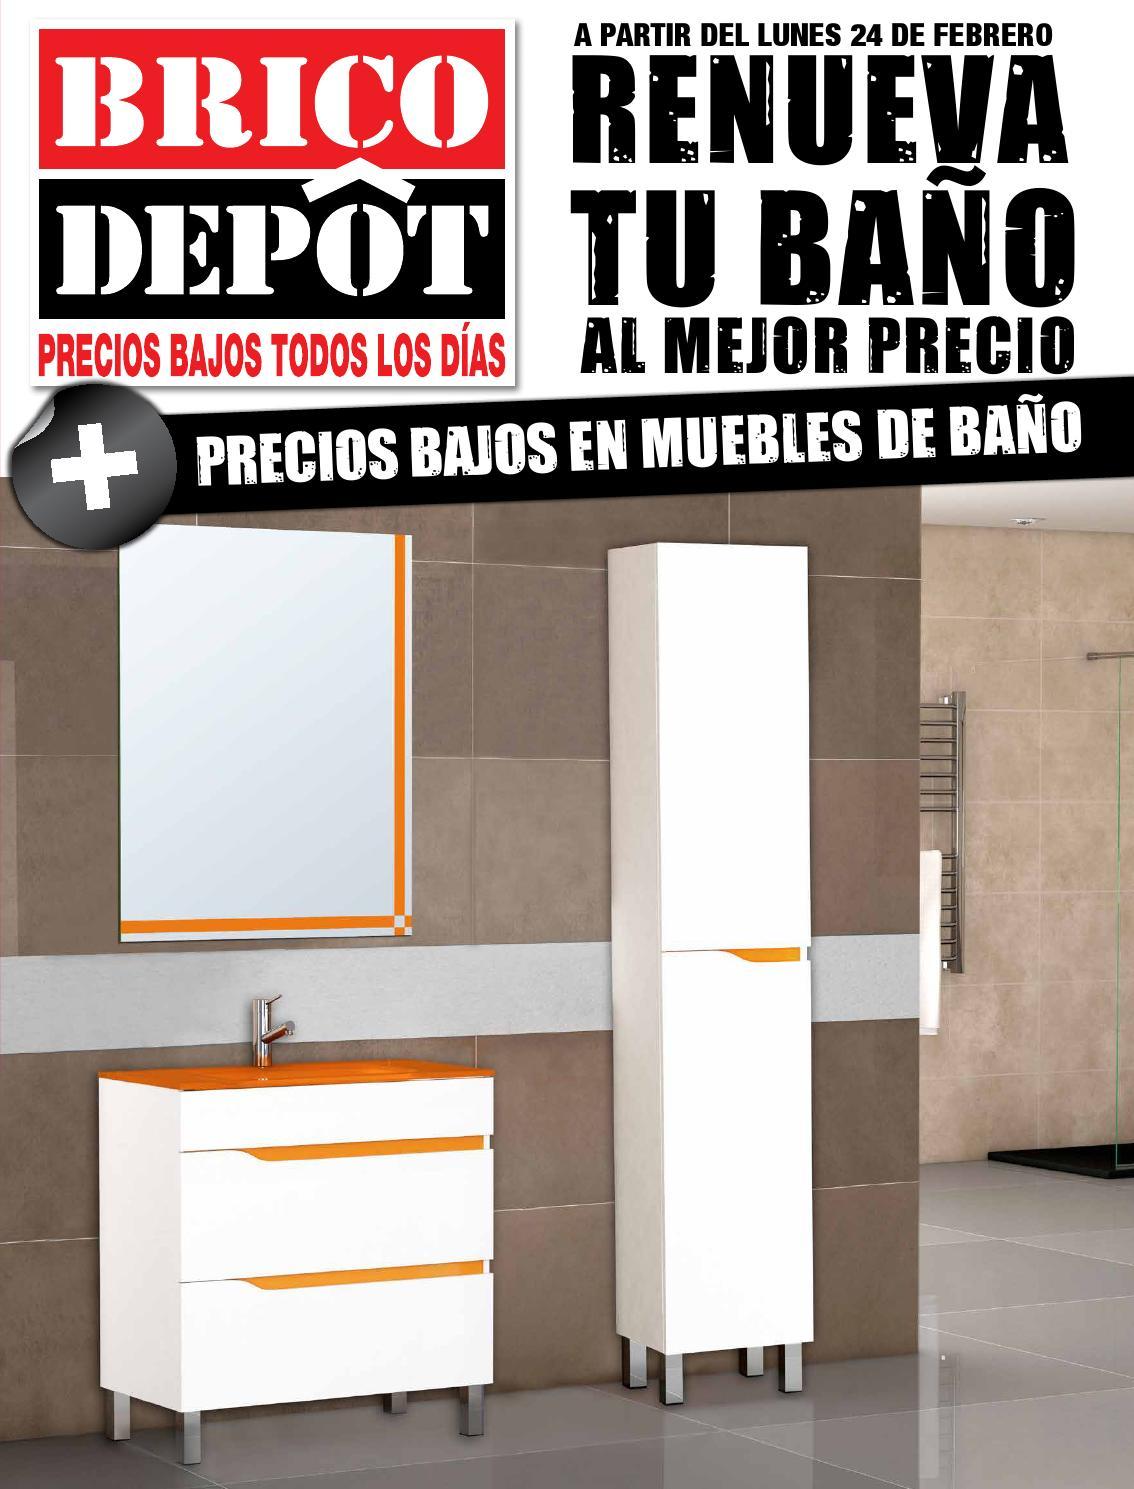 Bricodepot catalogue 24febrero 24marzo2014 by for Muebles bano bricomart